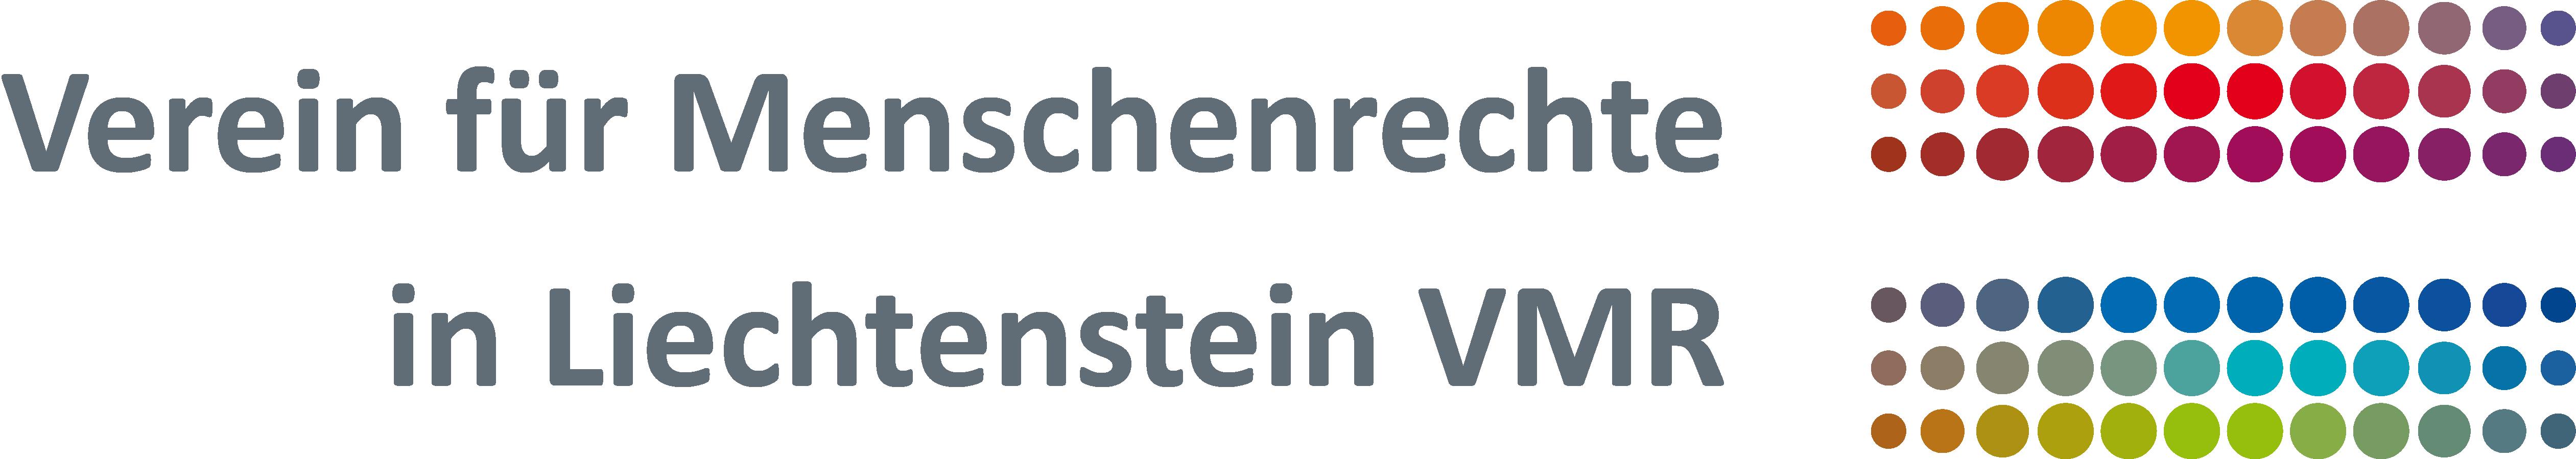 Verein für Menschenrechte in Liechtenstein VMR